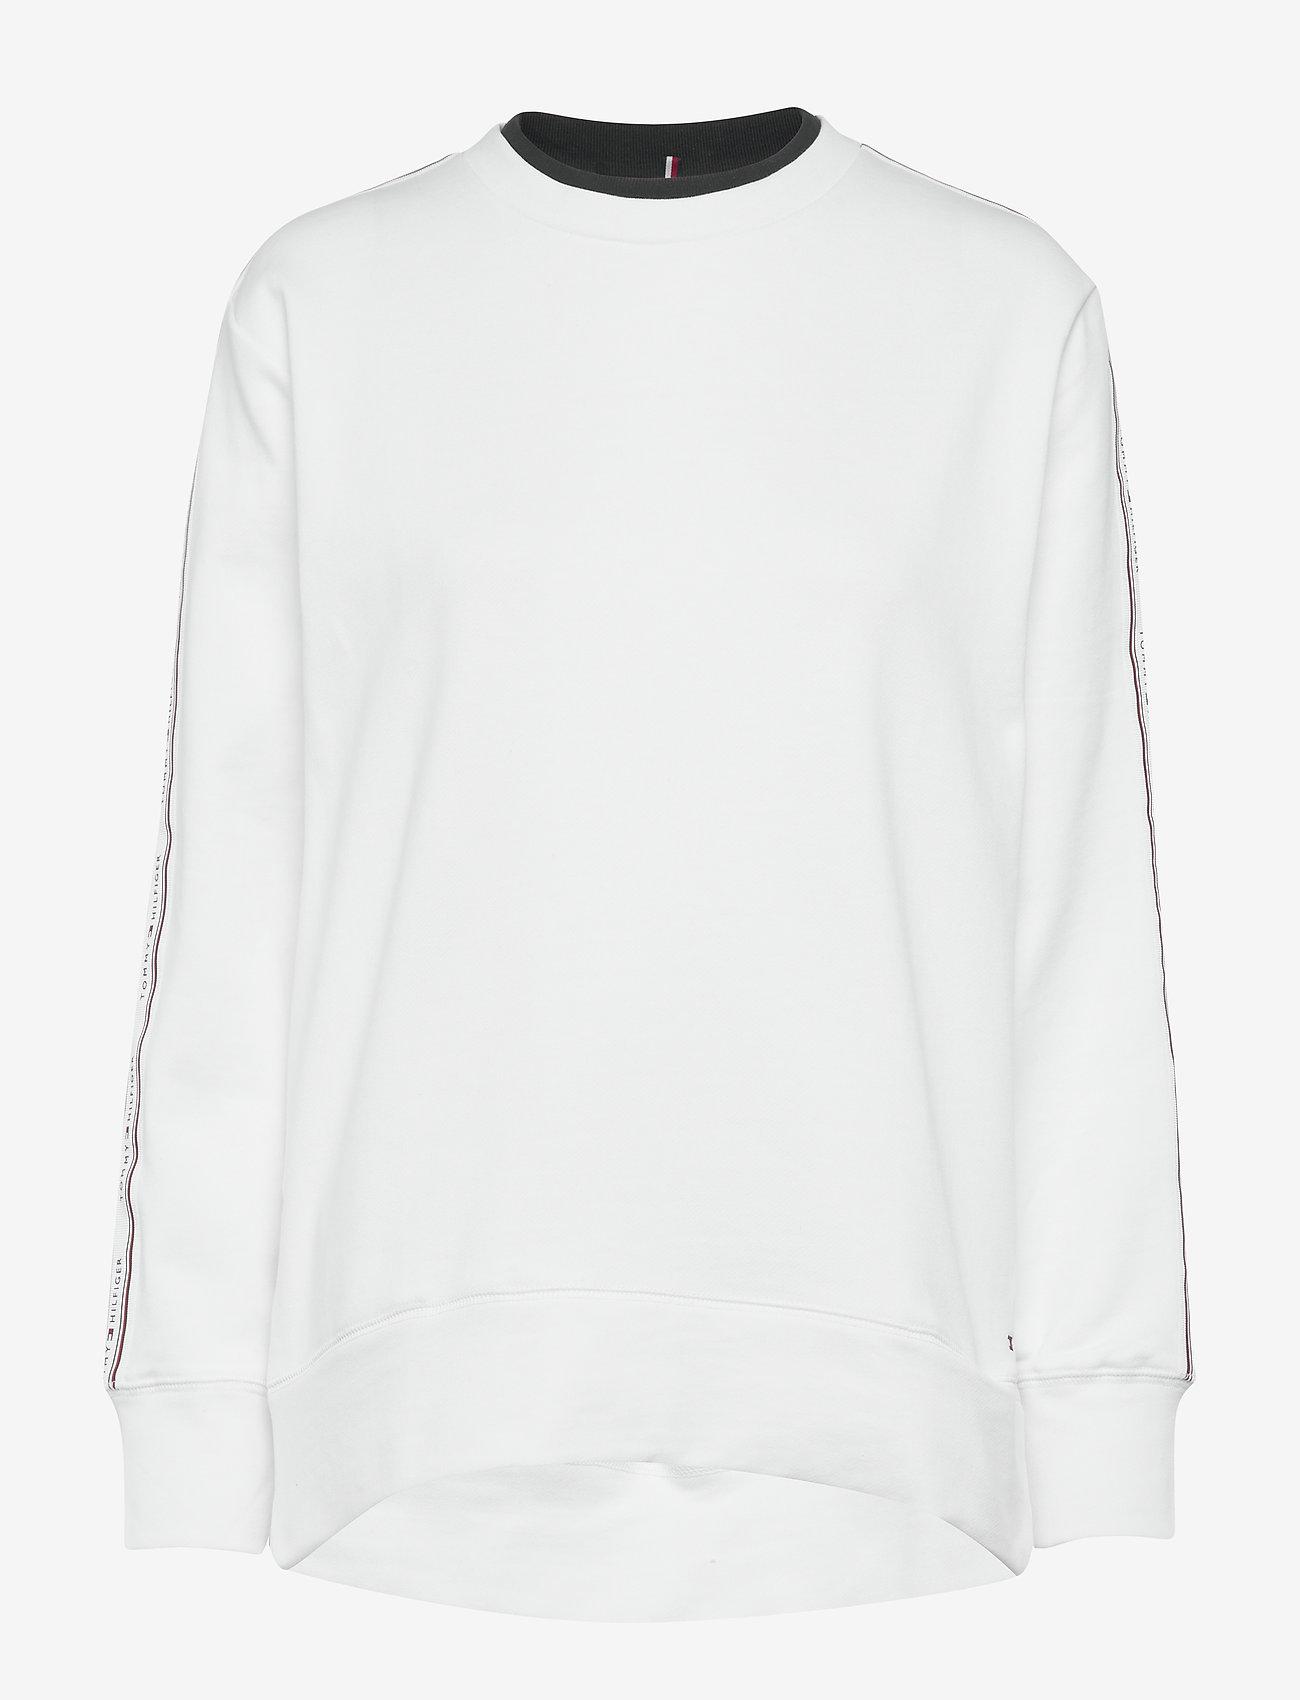 Tommy Hilfiger - RAVEN C-NK SWEATSHIRT LS - sweatshirts - white - 0